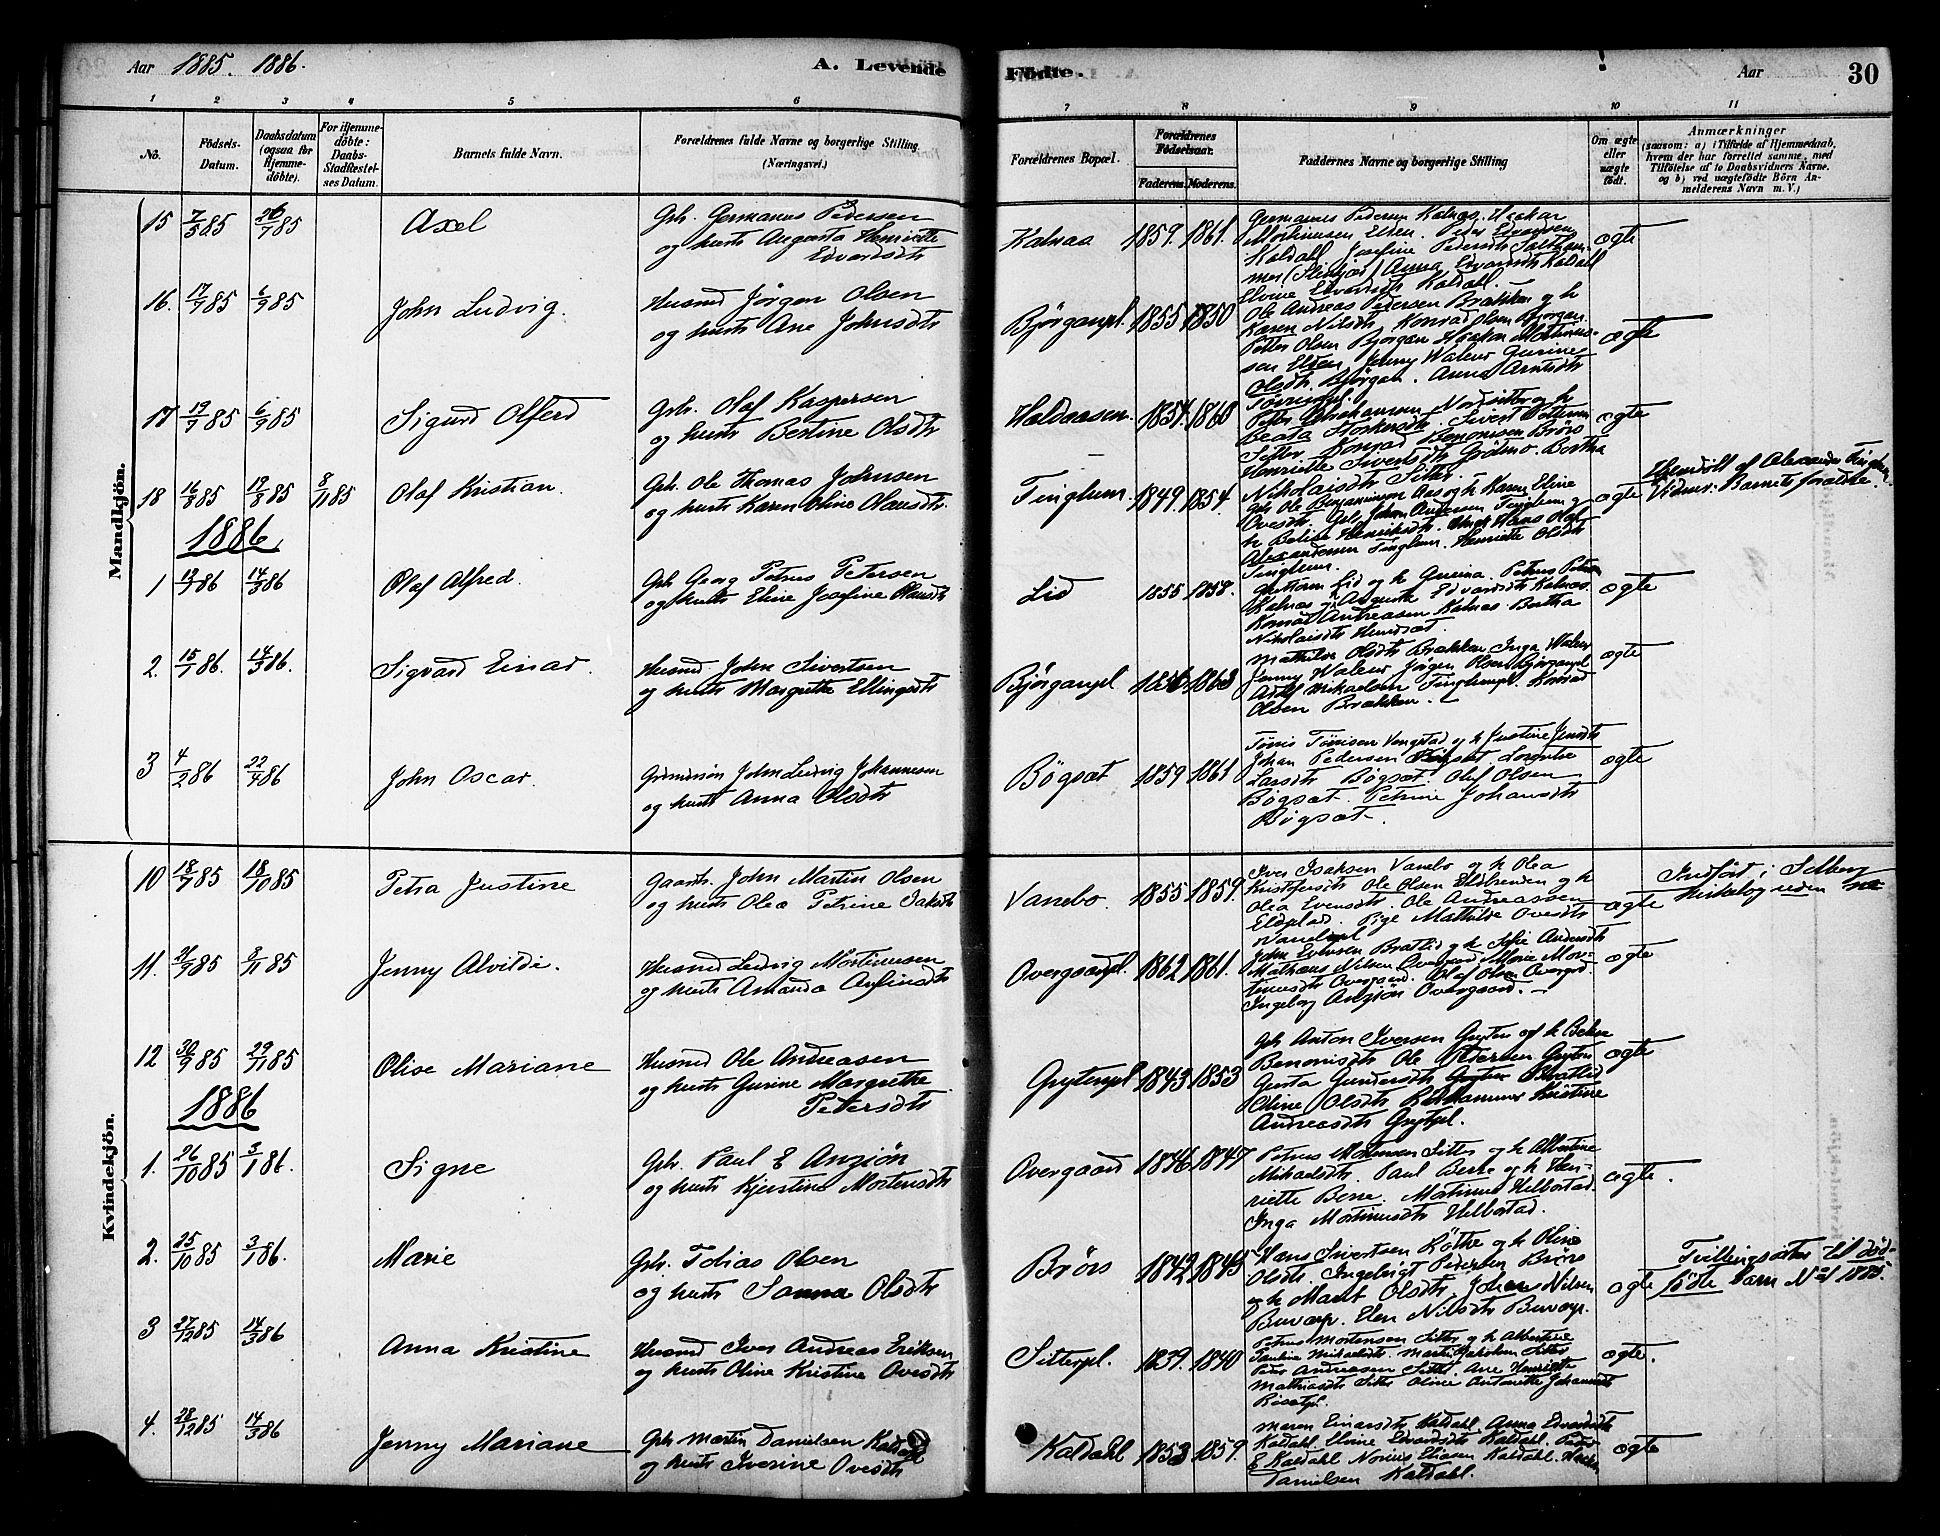 SAT, Ministerialprotokoller, klokkerbøker og fødselsregistre - Nord-Trøndelag, 742/L0408: Ministerialbok nr. 742A01, 1878-1890, s. 30